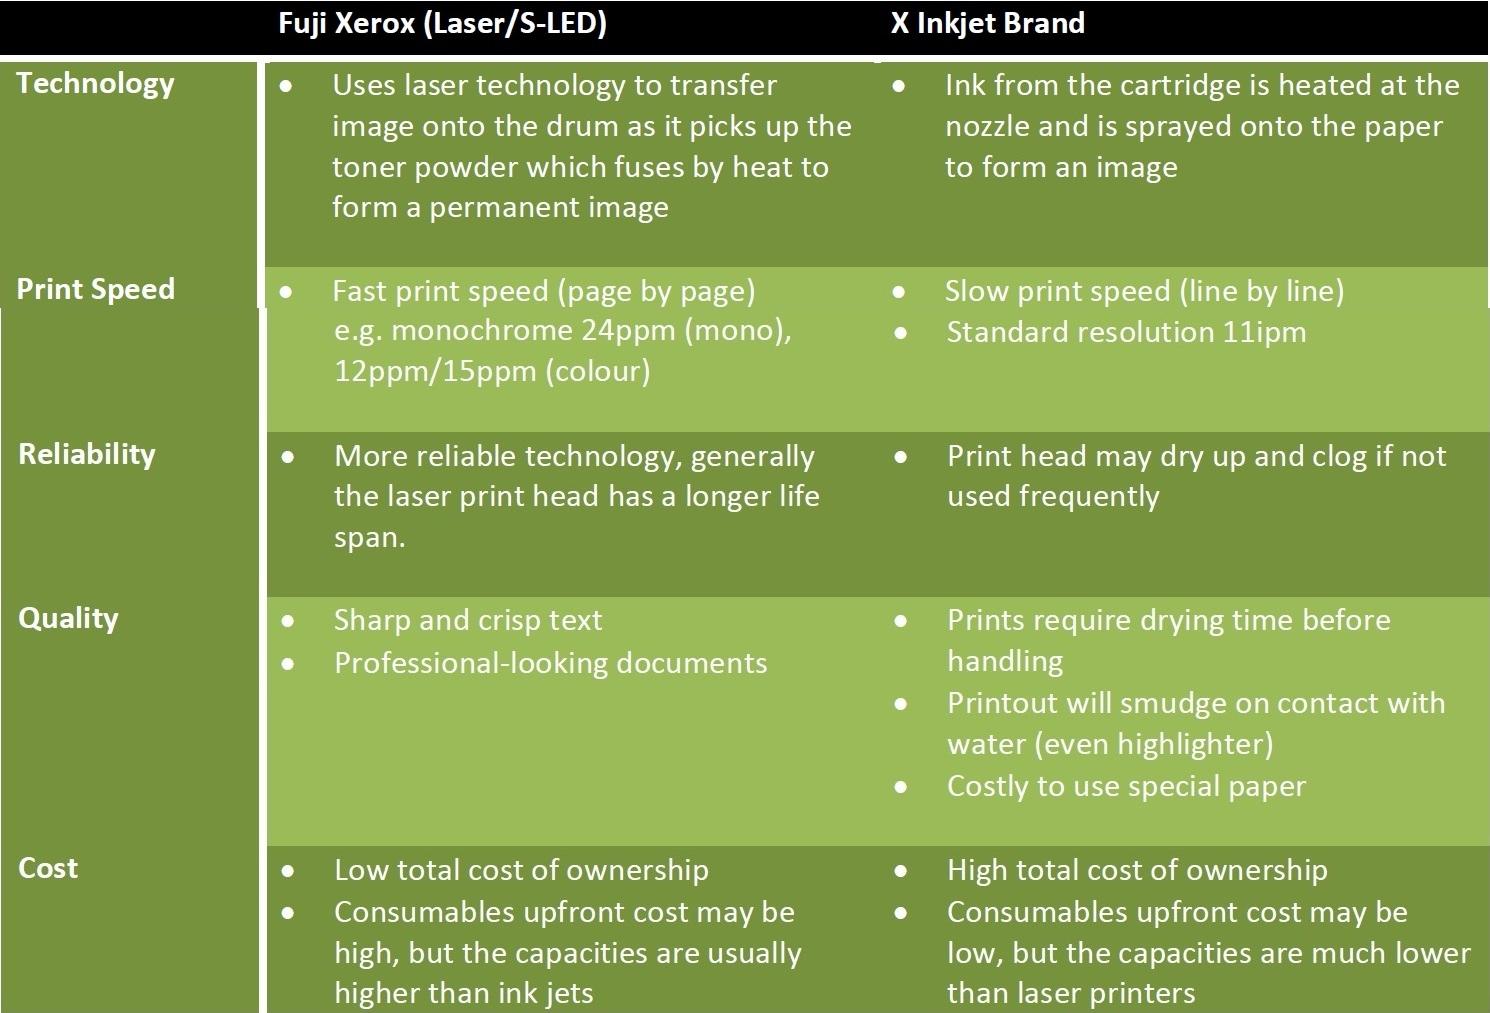 Color printing inkjet vs laser - Color Printing Inkjet Vs Laser 15